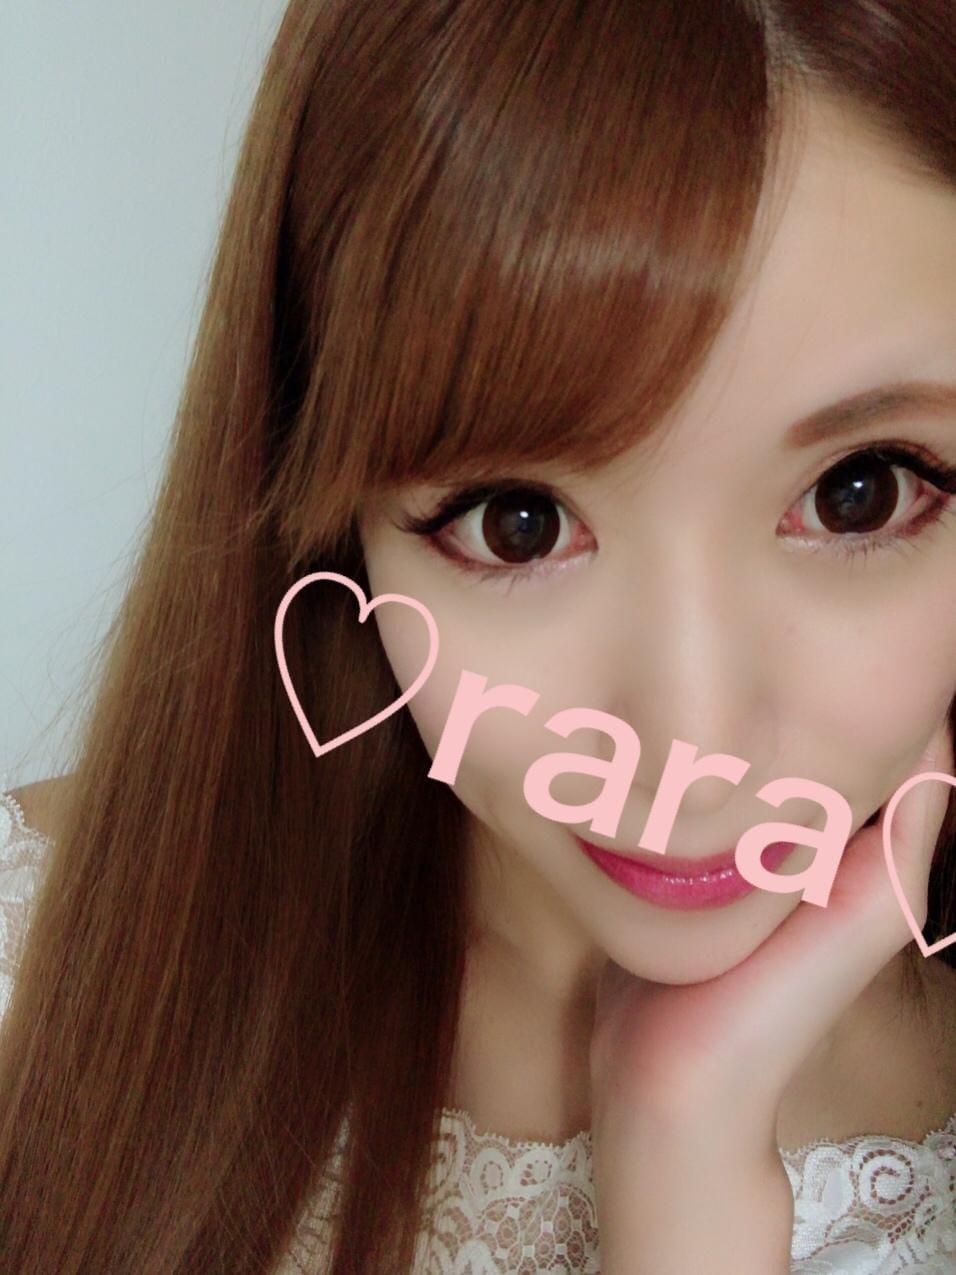 「おれい」08/25(08/25) 17:15 | ららの写メ・風俗動画